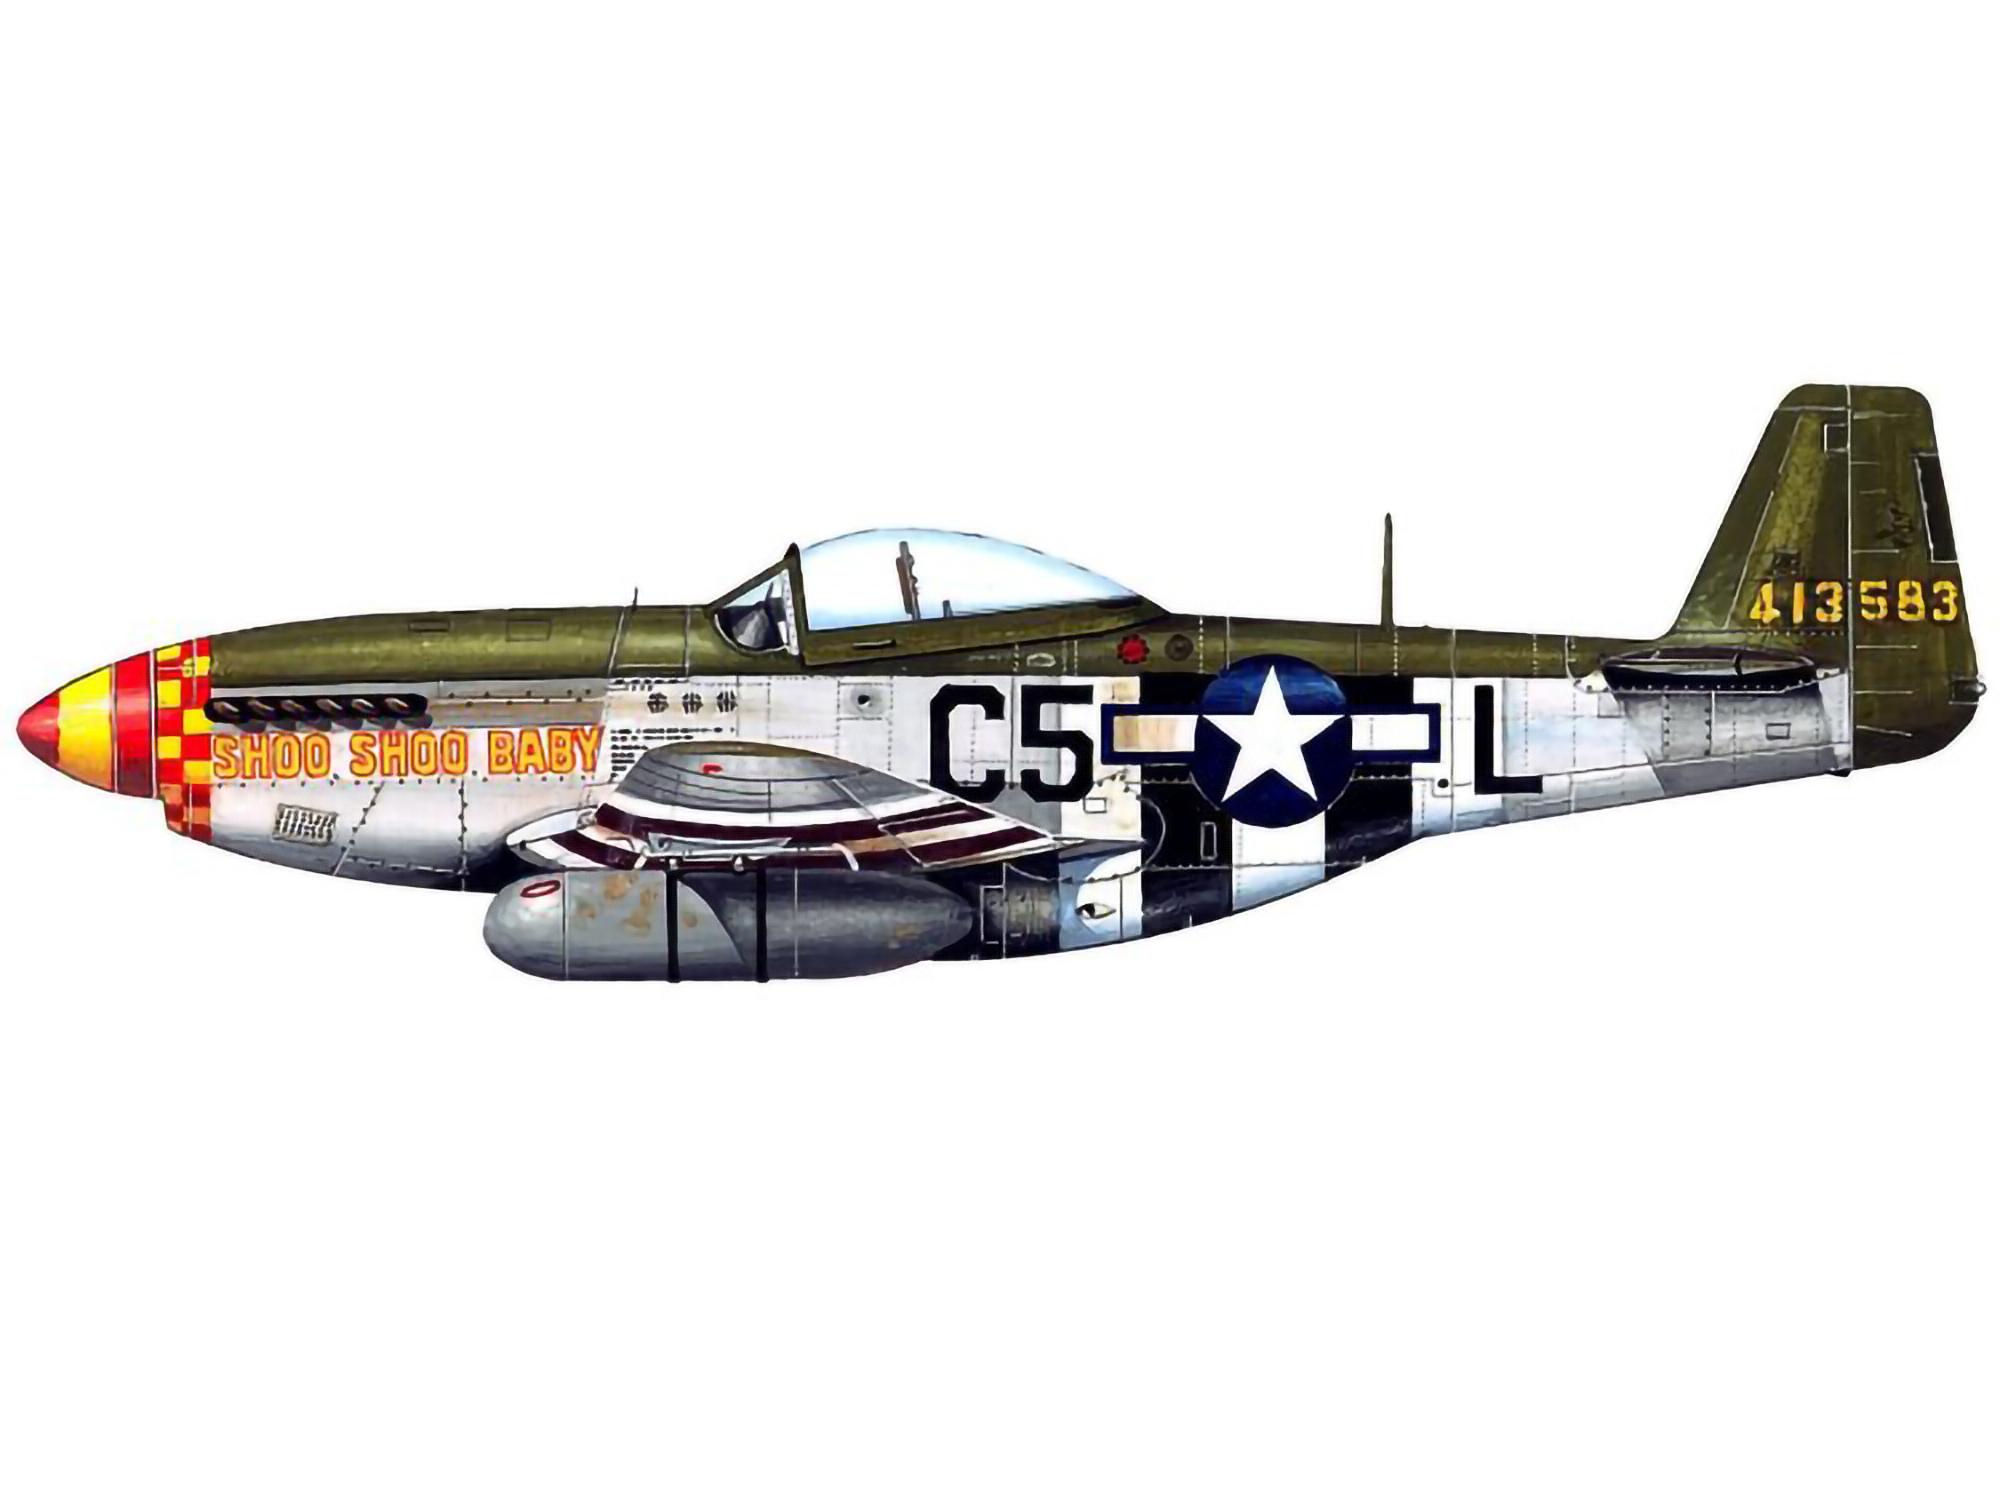 P-51D – Shoo Shoo Baby – 44-13583